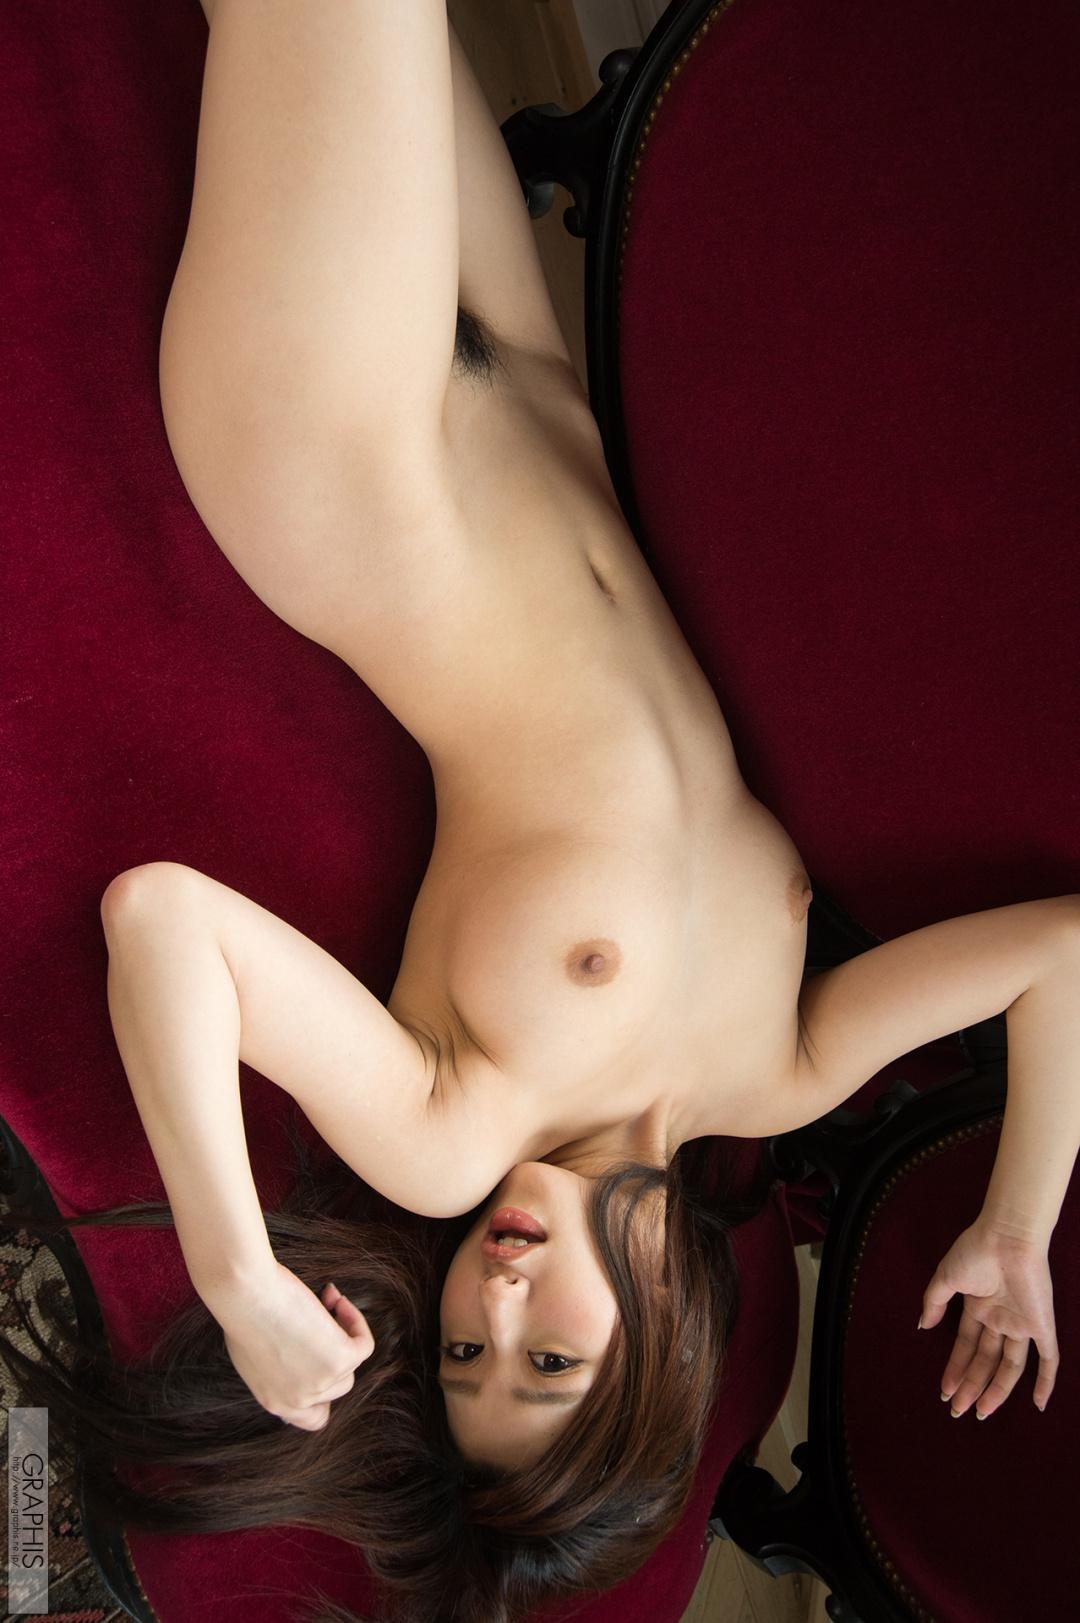 image http://scanlover.com/assets/images/34-JmAxniySAzdTpSKe.jpeg